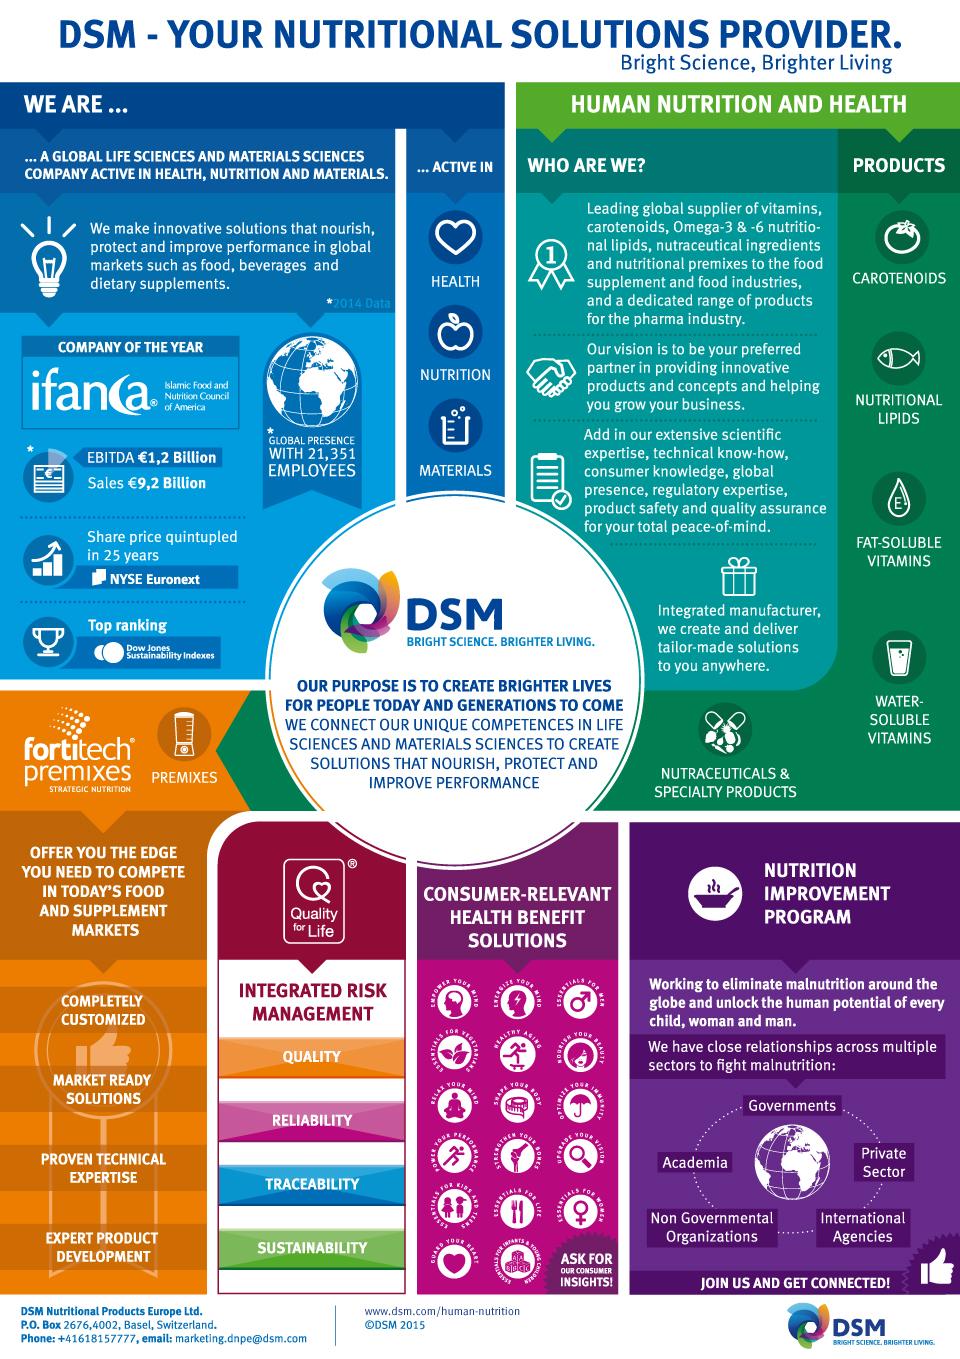 dsm-infographic01